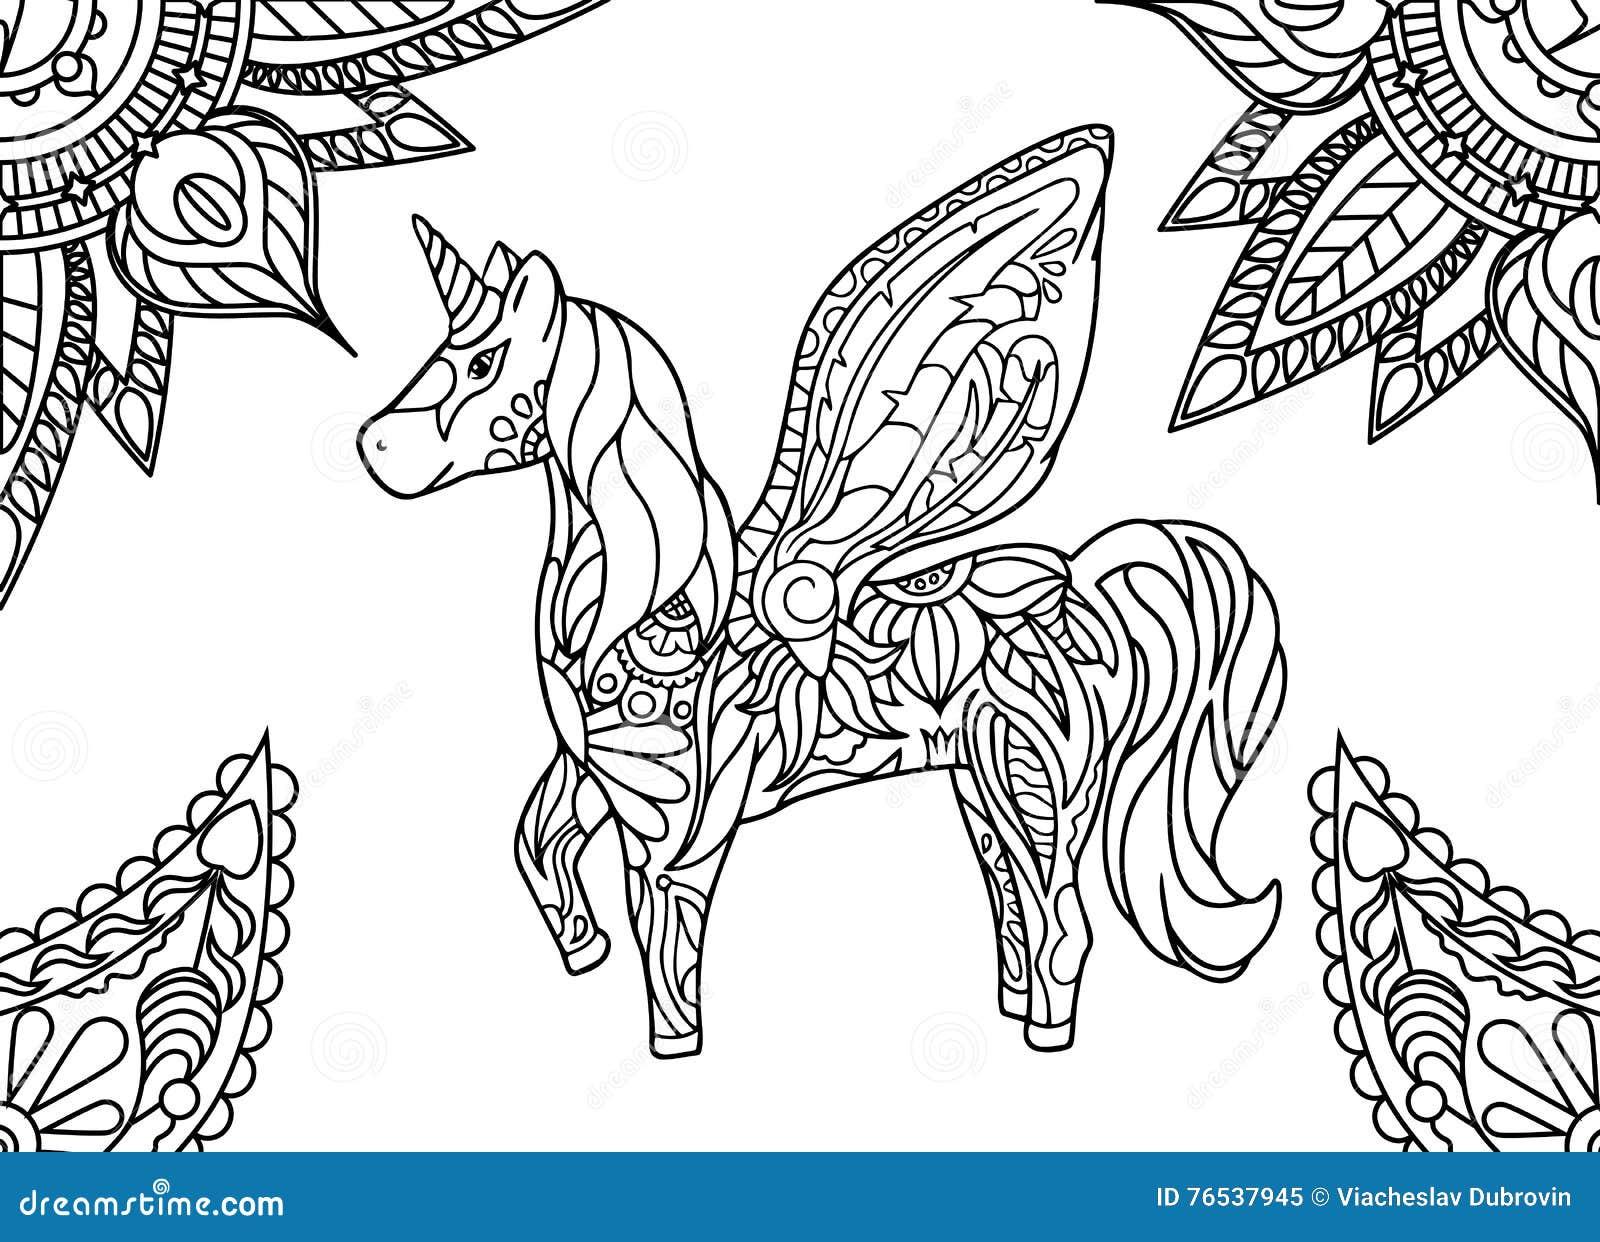 Einhorn Mit Mandala Und Paisley-Verzierung Horizontale Erwachsene